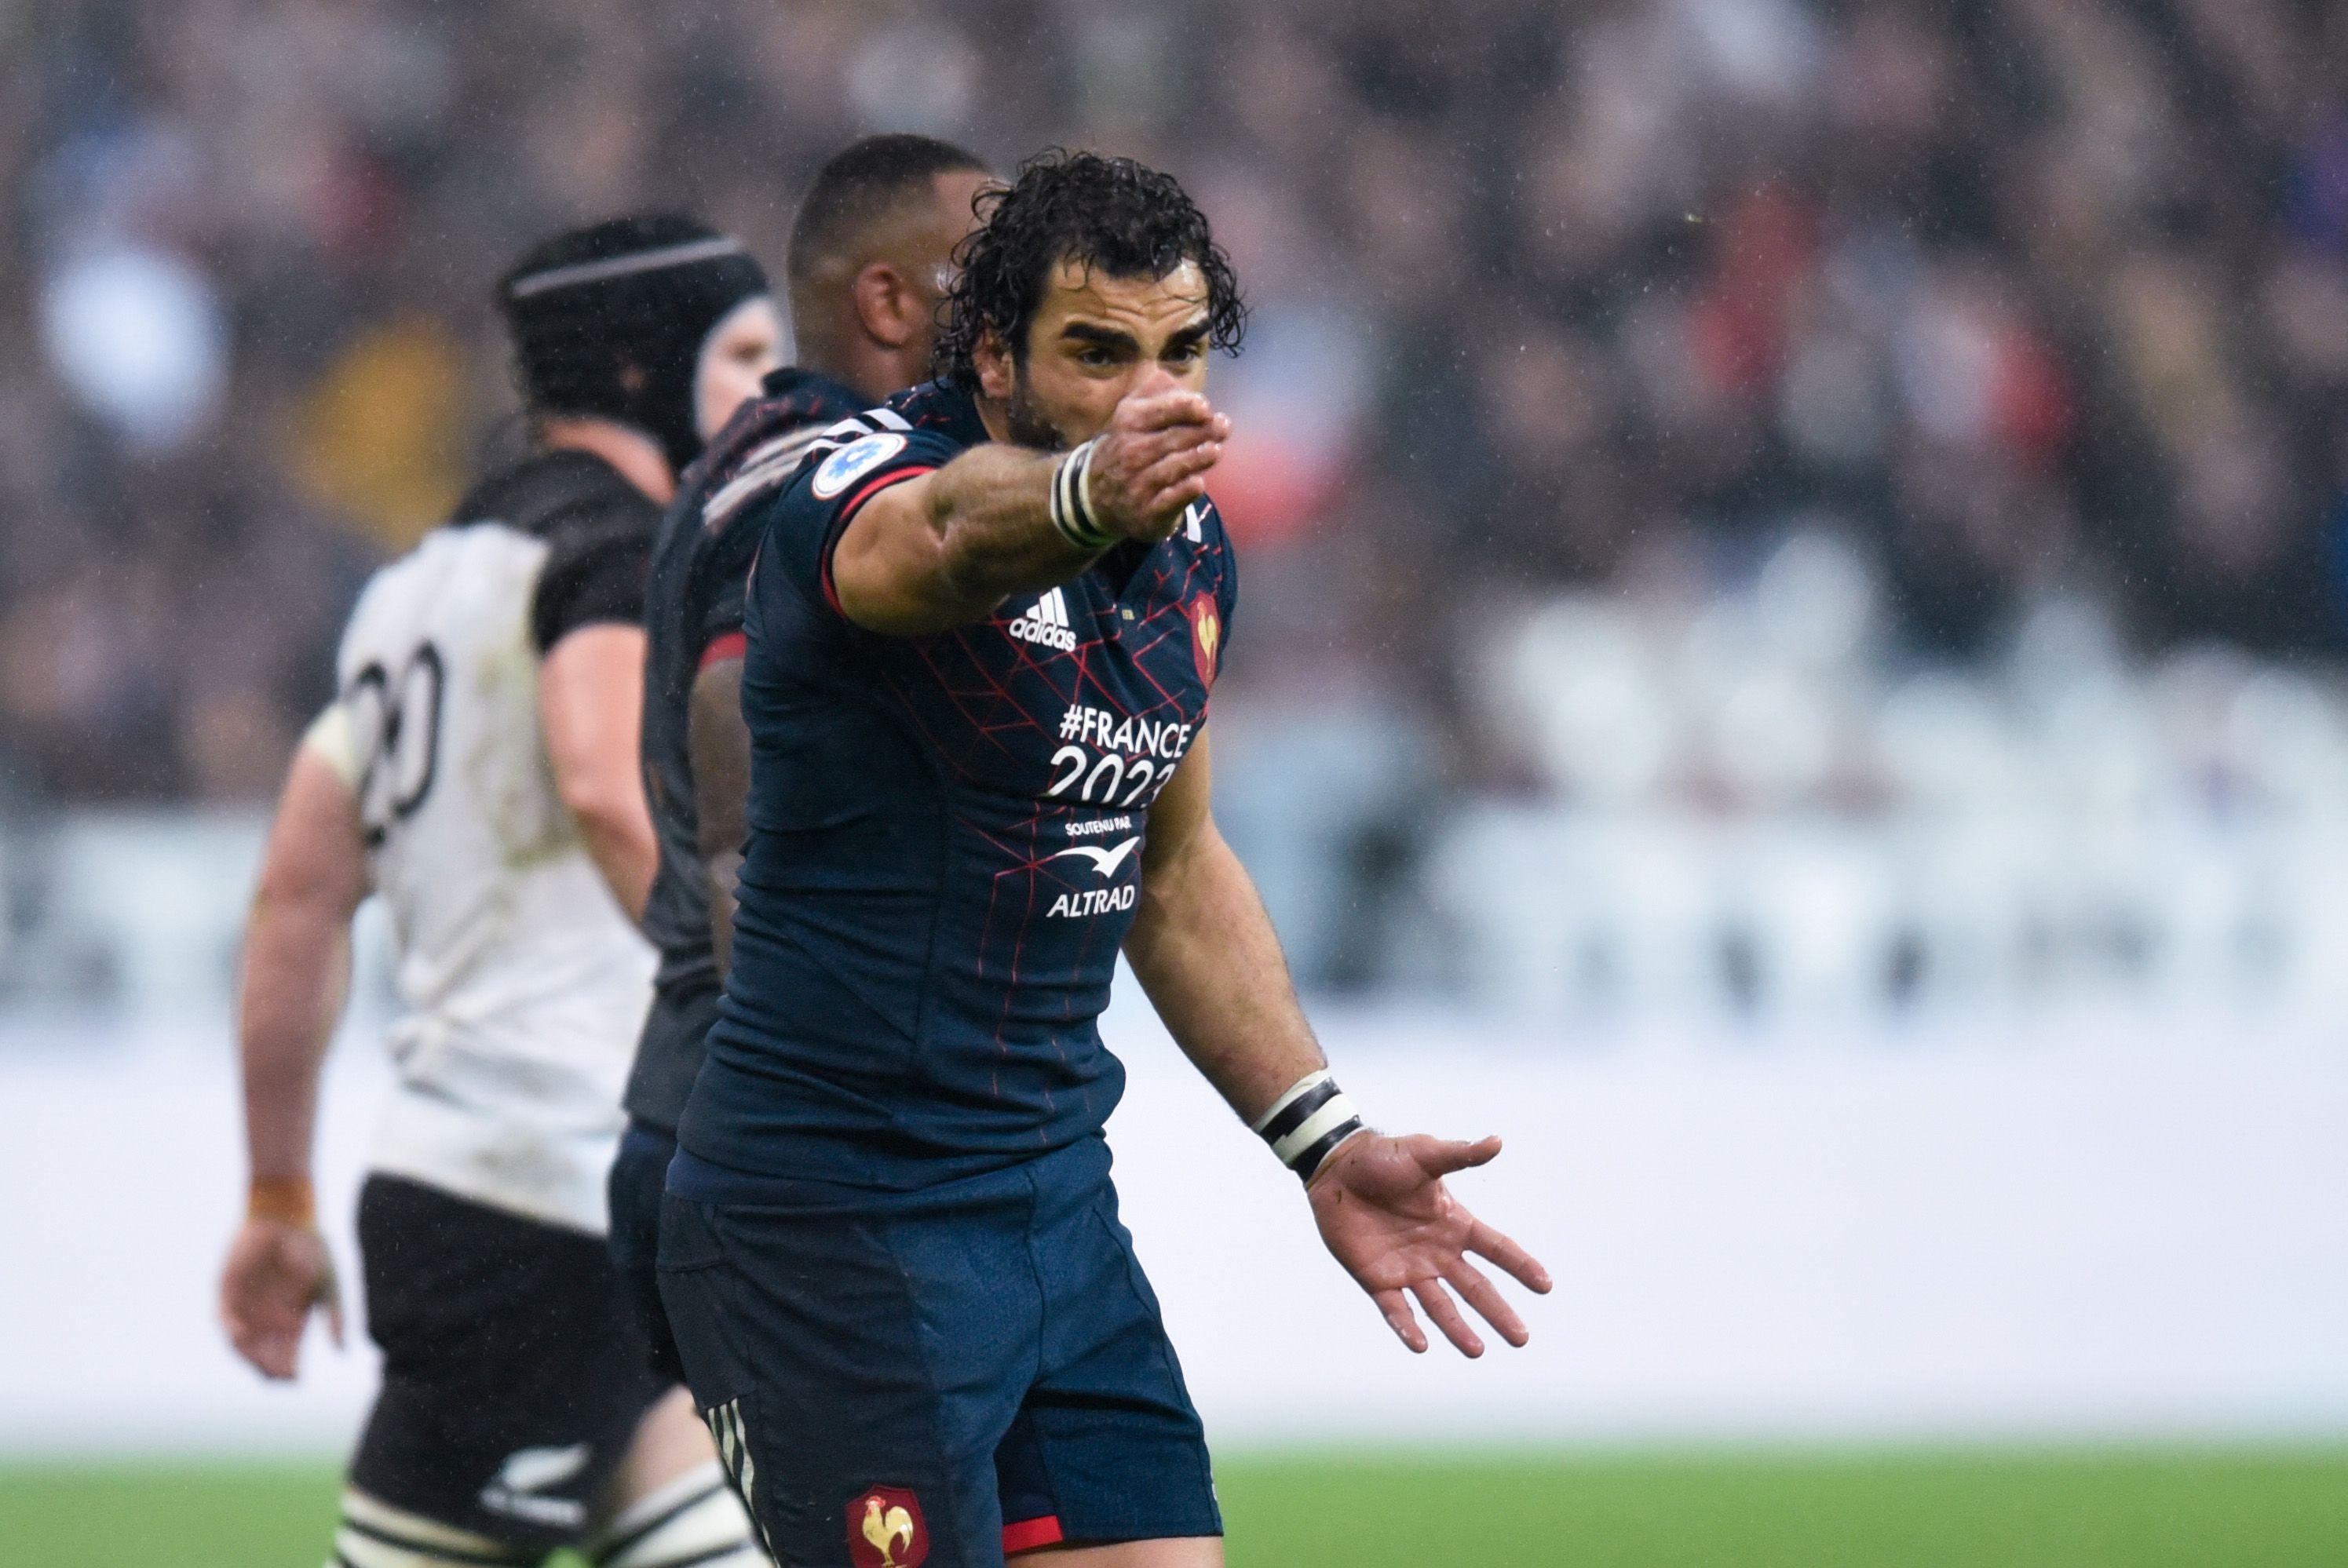 Rugby - XV de France - Huget remplace Bonneval, forfait contre les Gallois